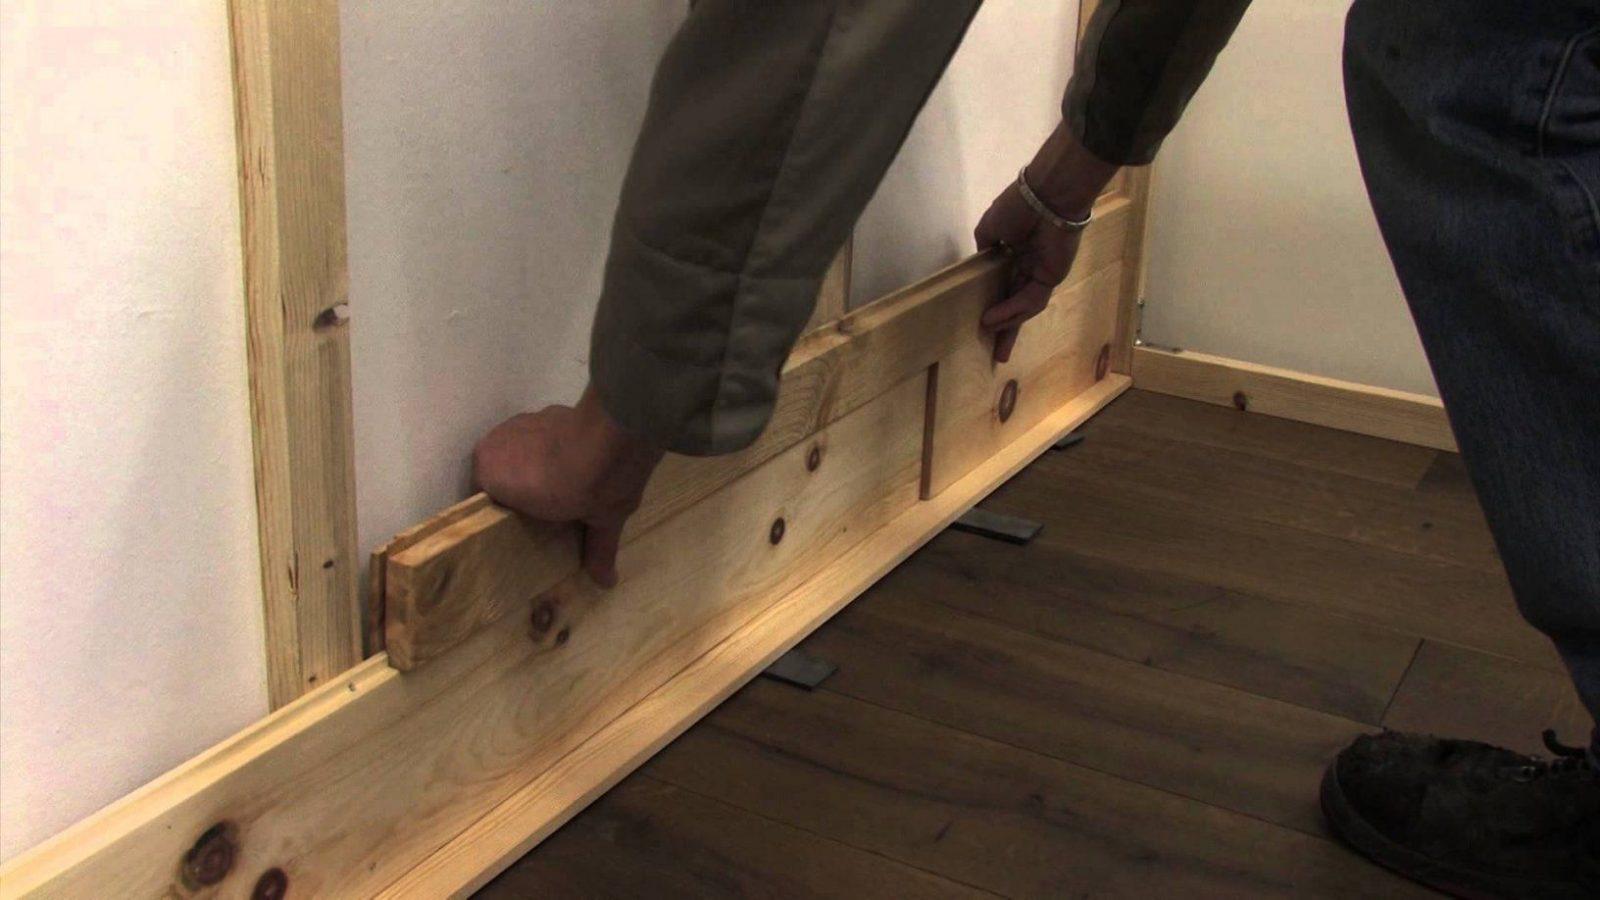 Irregolare Wandverkleidung Wandvertafelung Wandpaneele  Youtube von Wandverkleidung Holz Innen Anleitung Photo